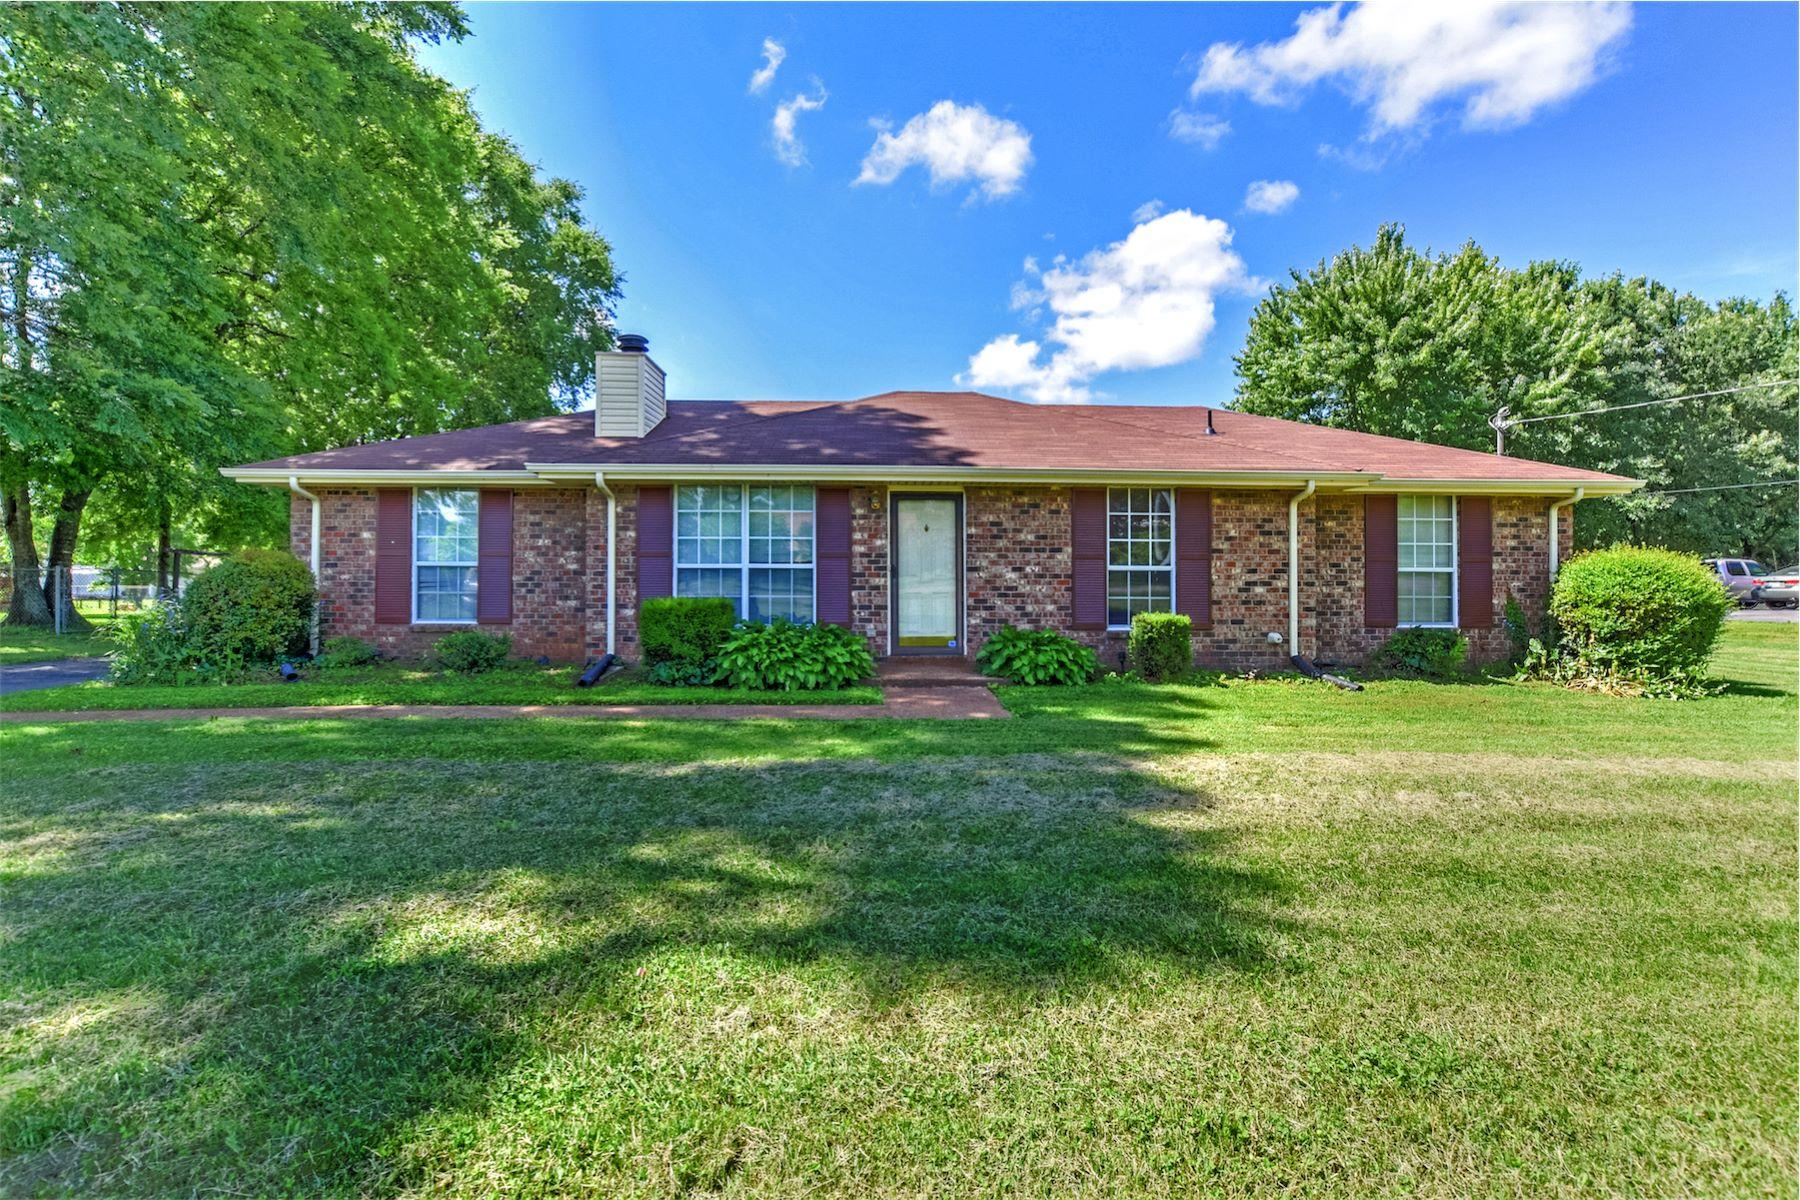 Einfamilienhaus für Verkauf beim Beautiful Ranch Home on One Acre Lot 106 Orchard Valley Drive Smyrna, Tennessee, 37160 South, Vereinigte Staaten